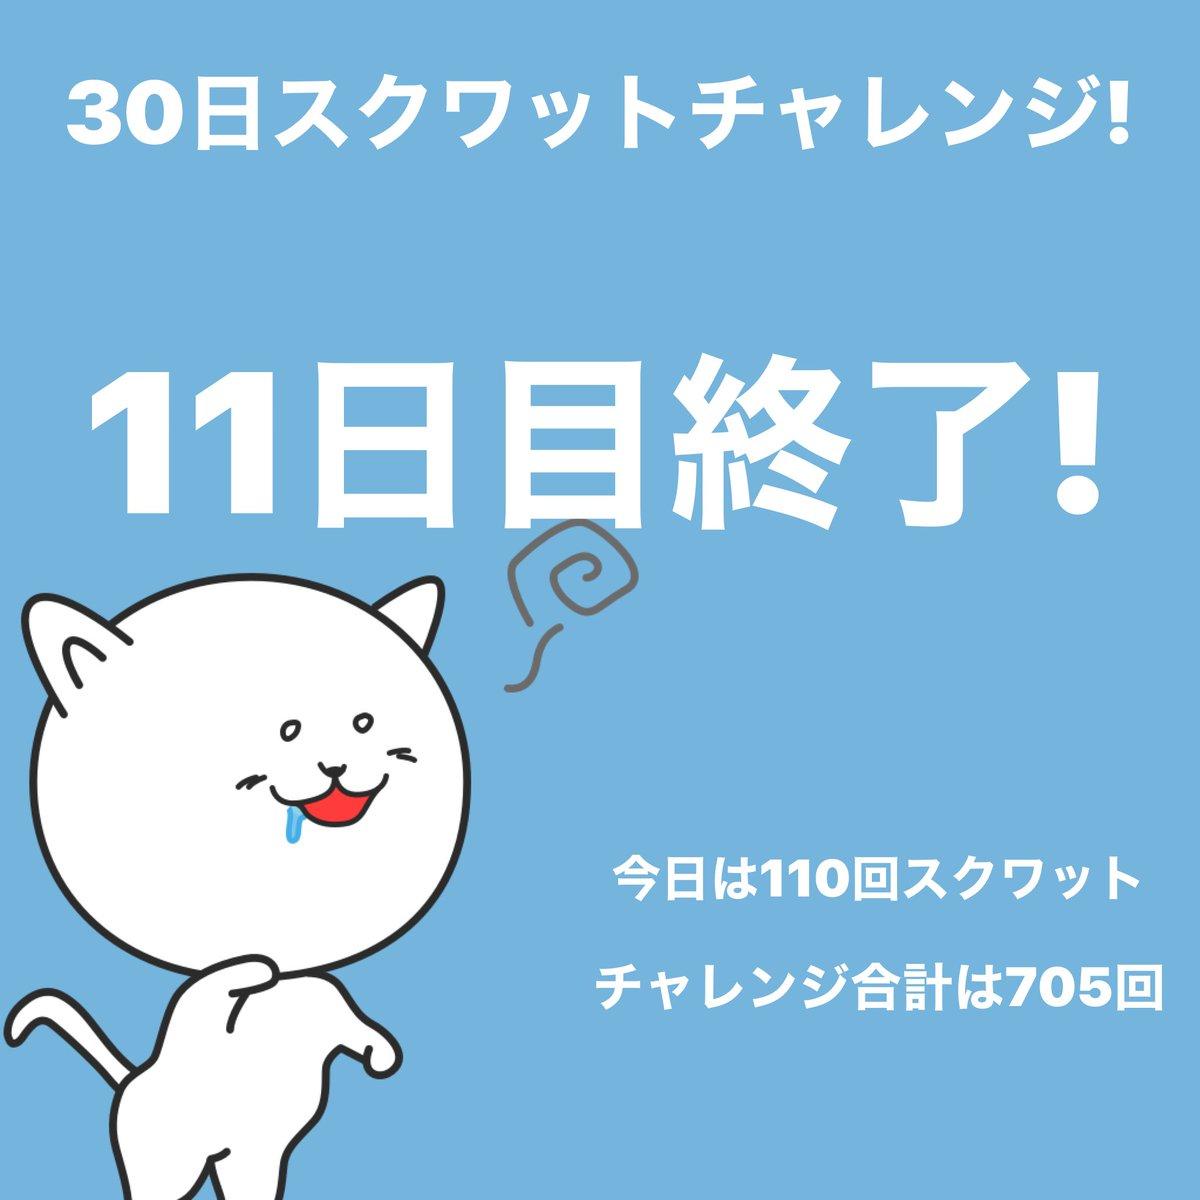 #スクワットチャレンジ 11日目終了!今日は110回スクワットしました。 #30日チャレンジ ワイドスクワットをしてます😆✨(10×7+コマ切れ=110回✌️)